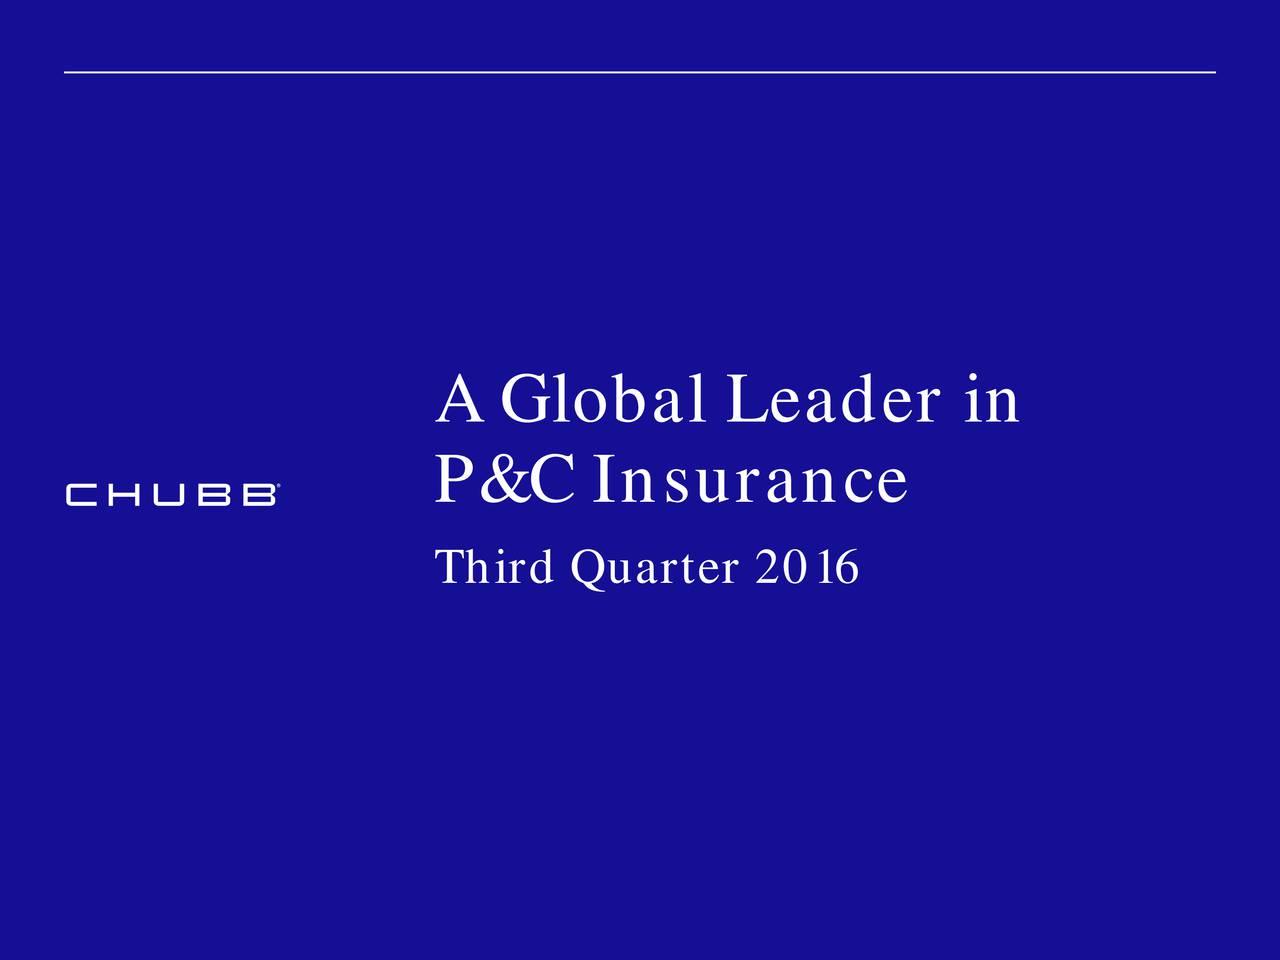 P&C Insurance Third Quarter 2016